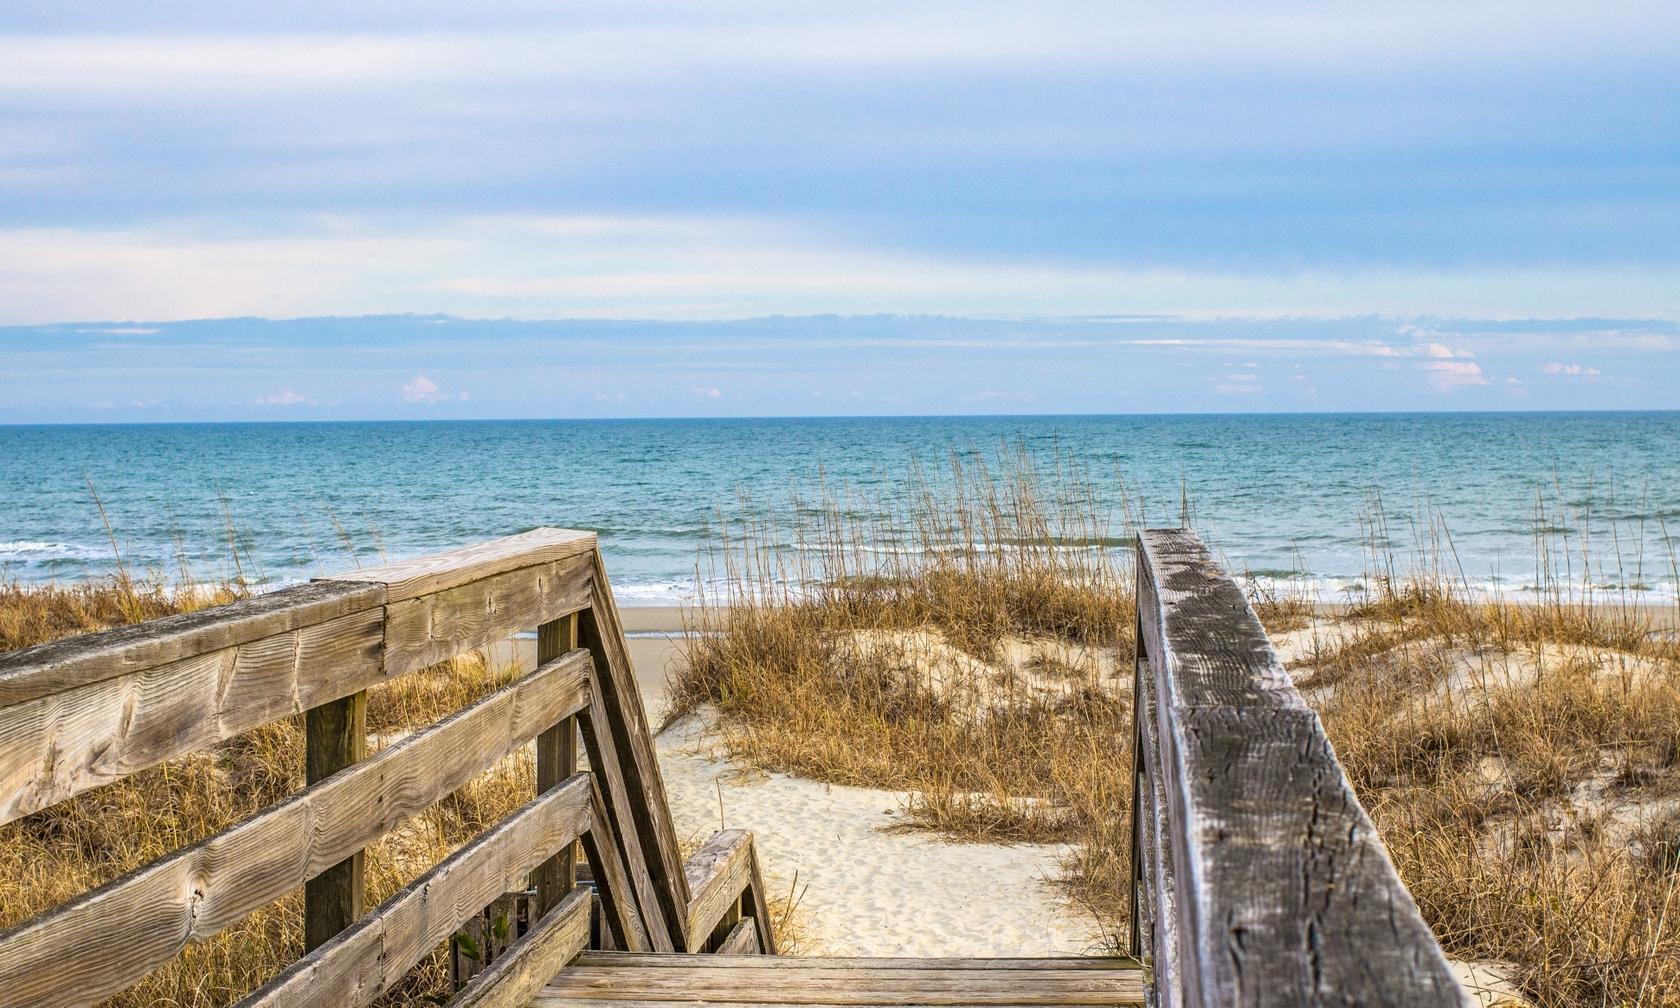 Vacation rental condos in North Myrtle Beach